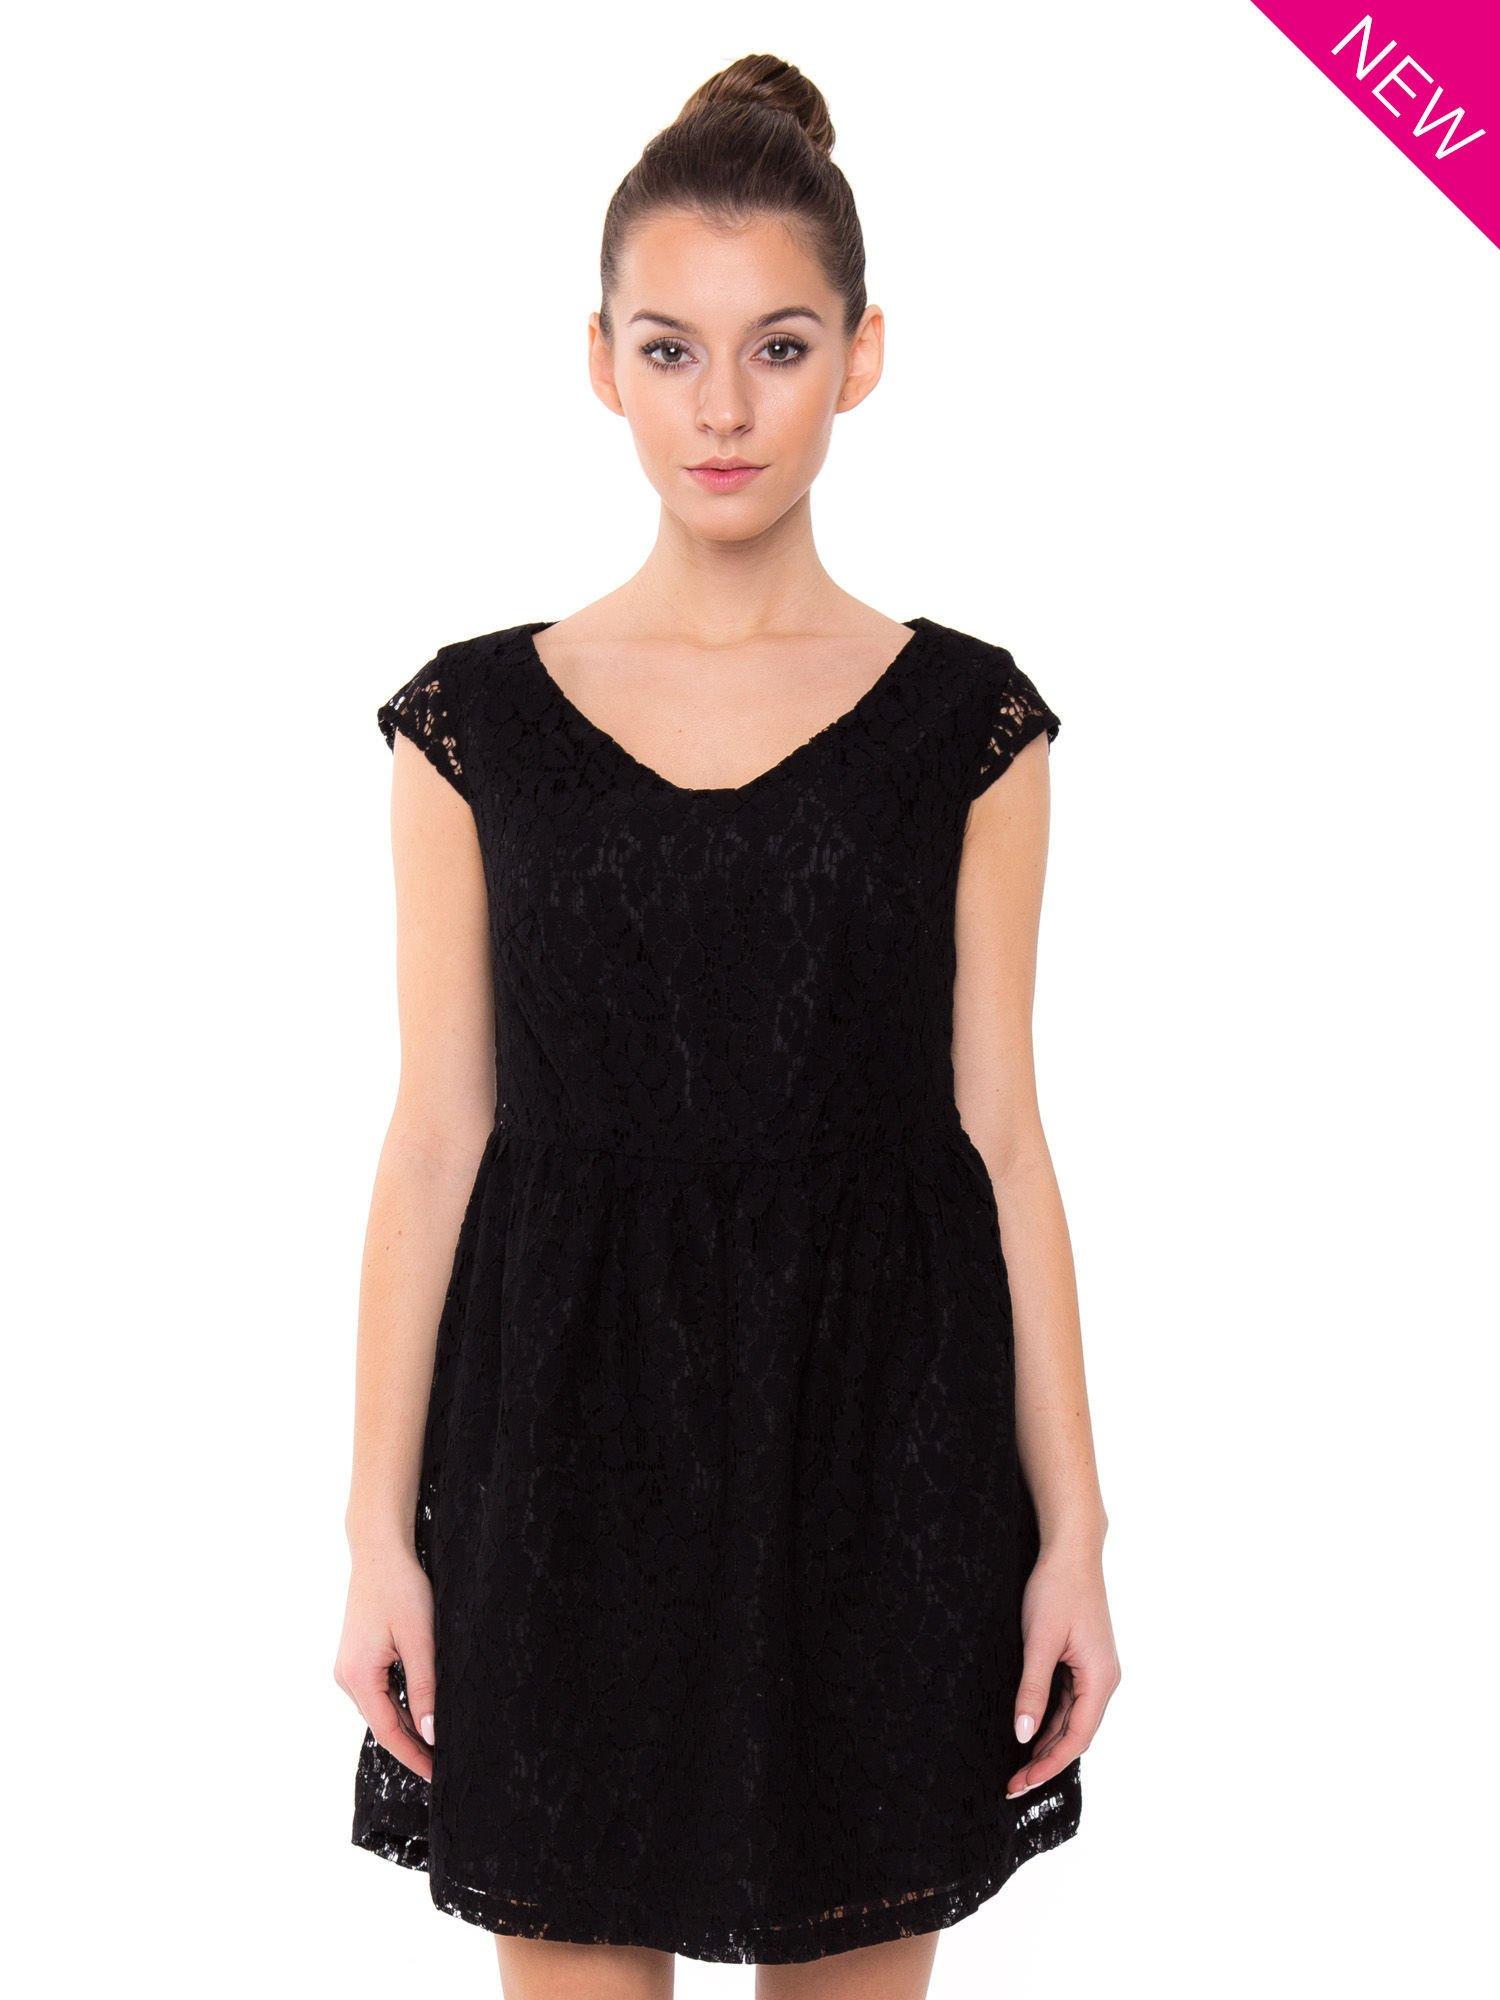 Czarna taliowana sukienka z koronki                                  zdj.                                  2